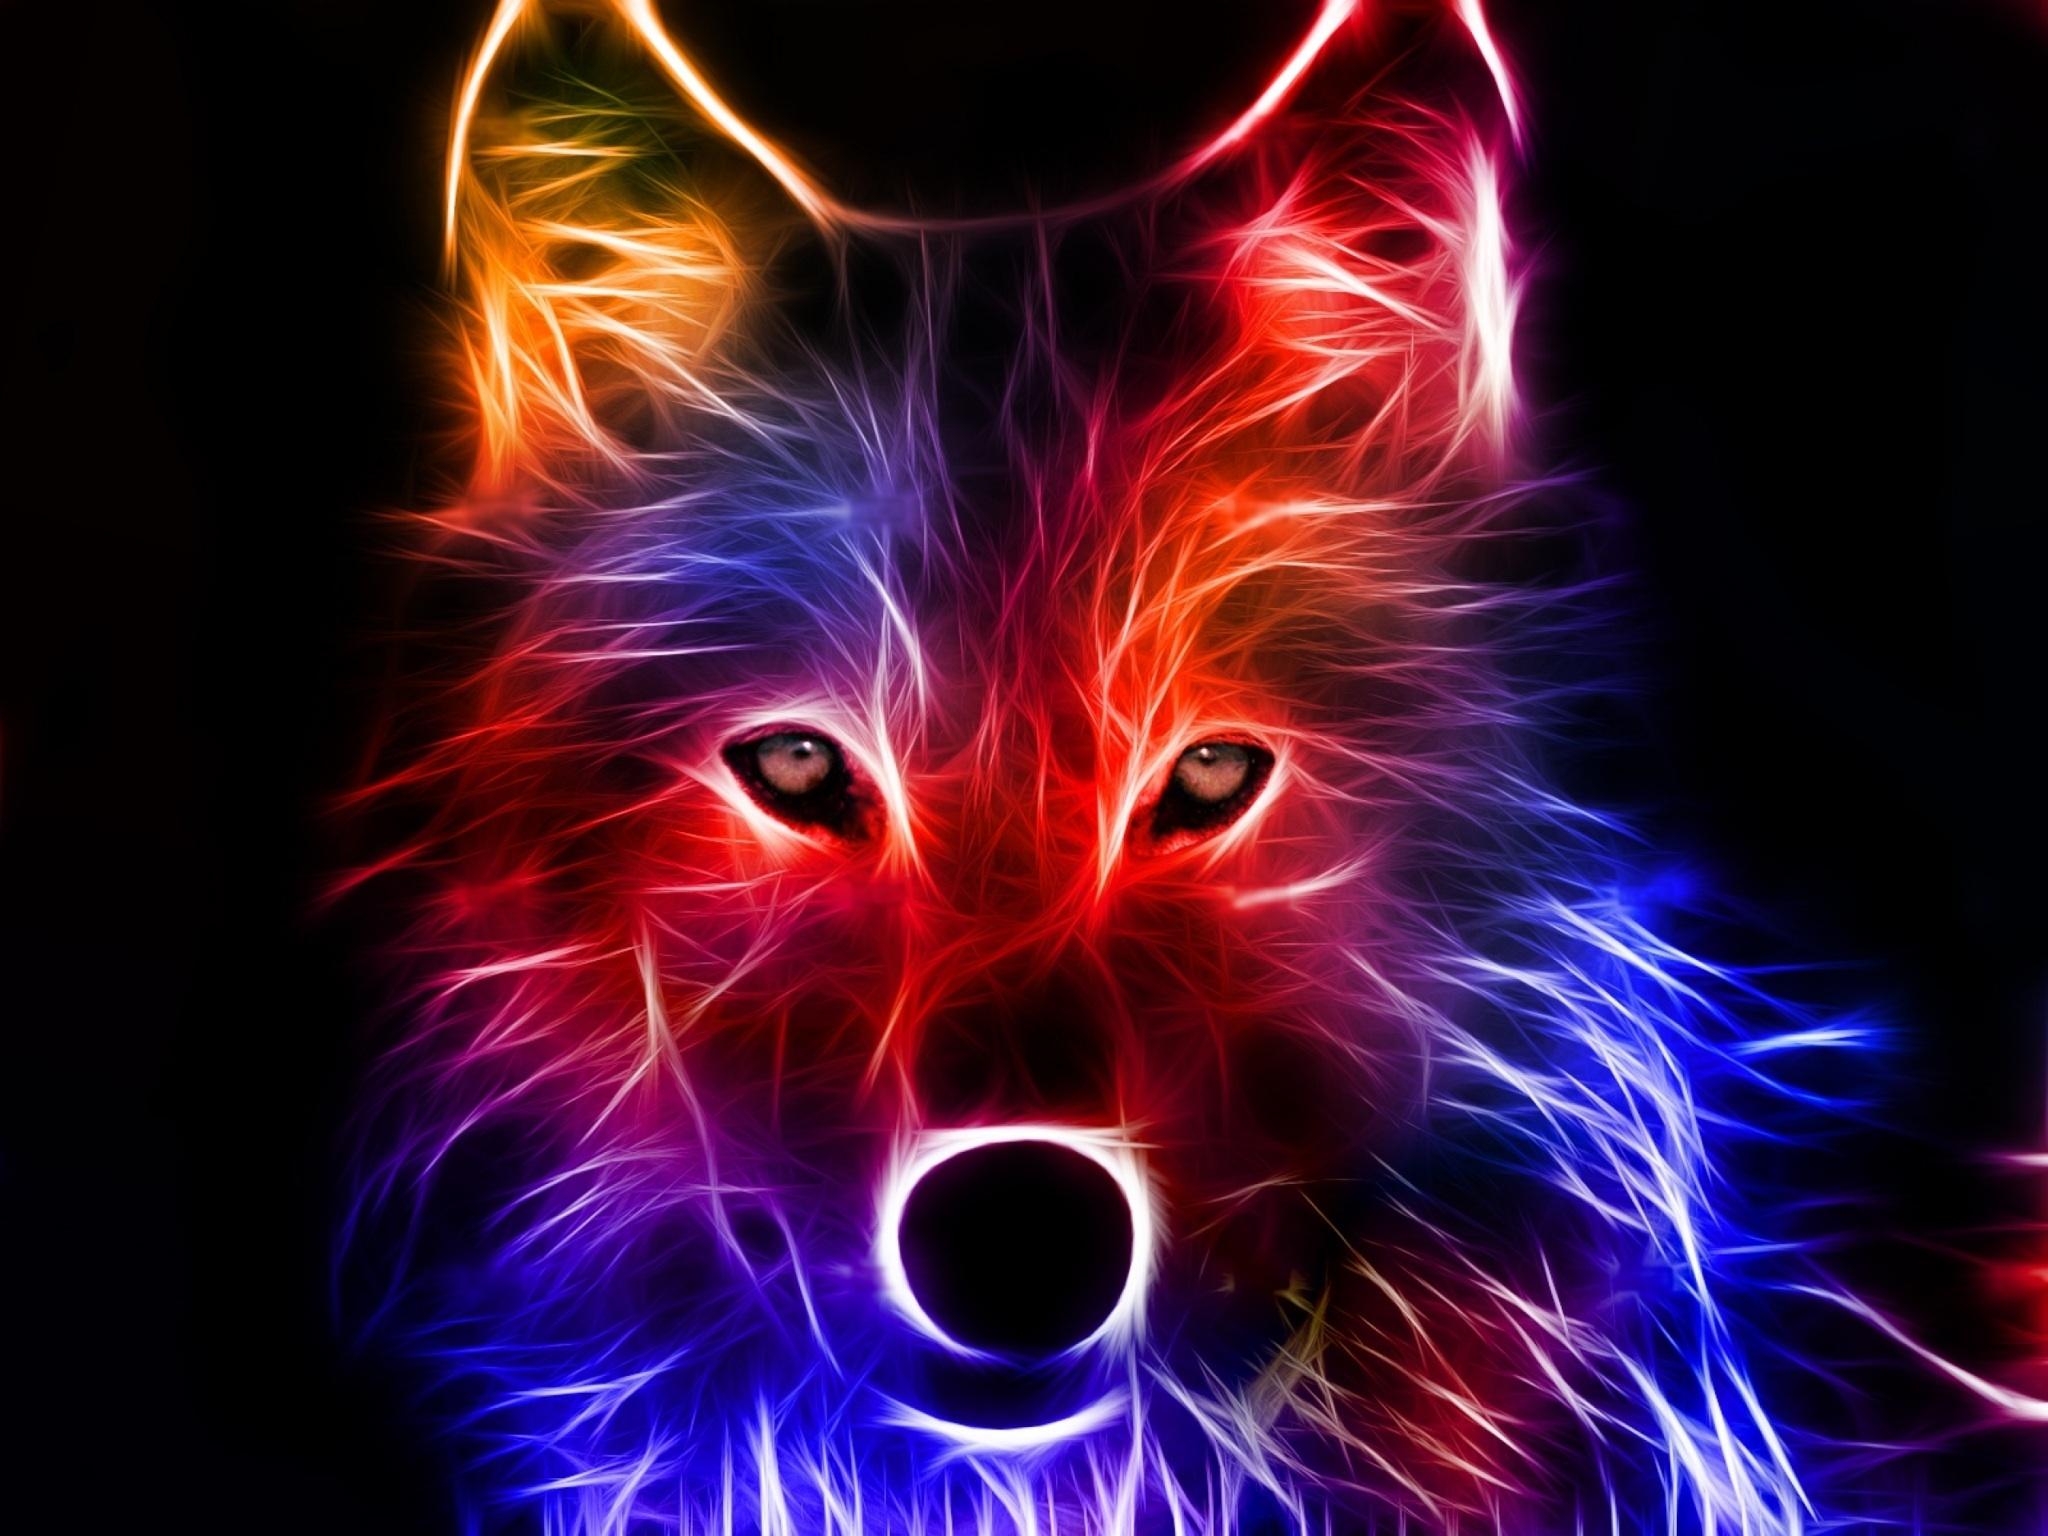 Wolf Art   DarkCruz360 Photo 34501147 2048x1536